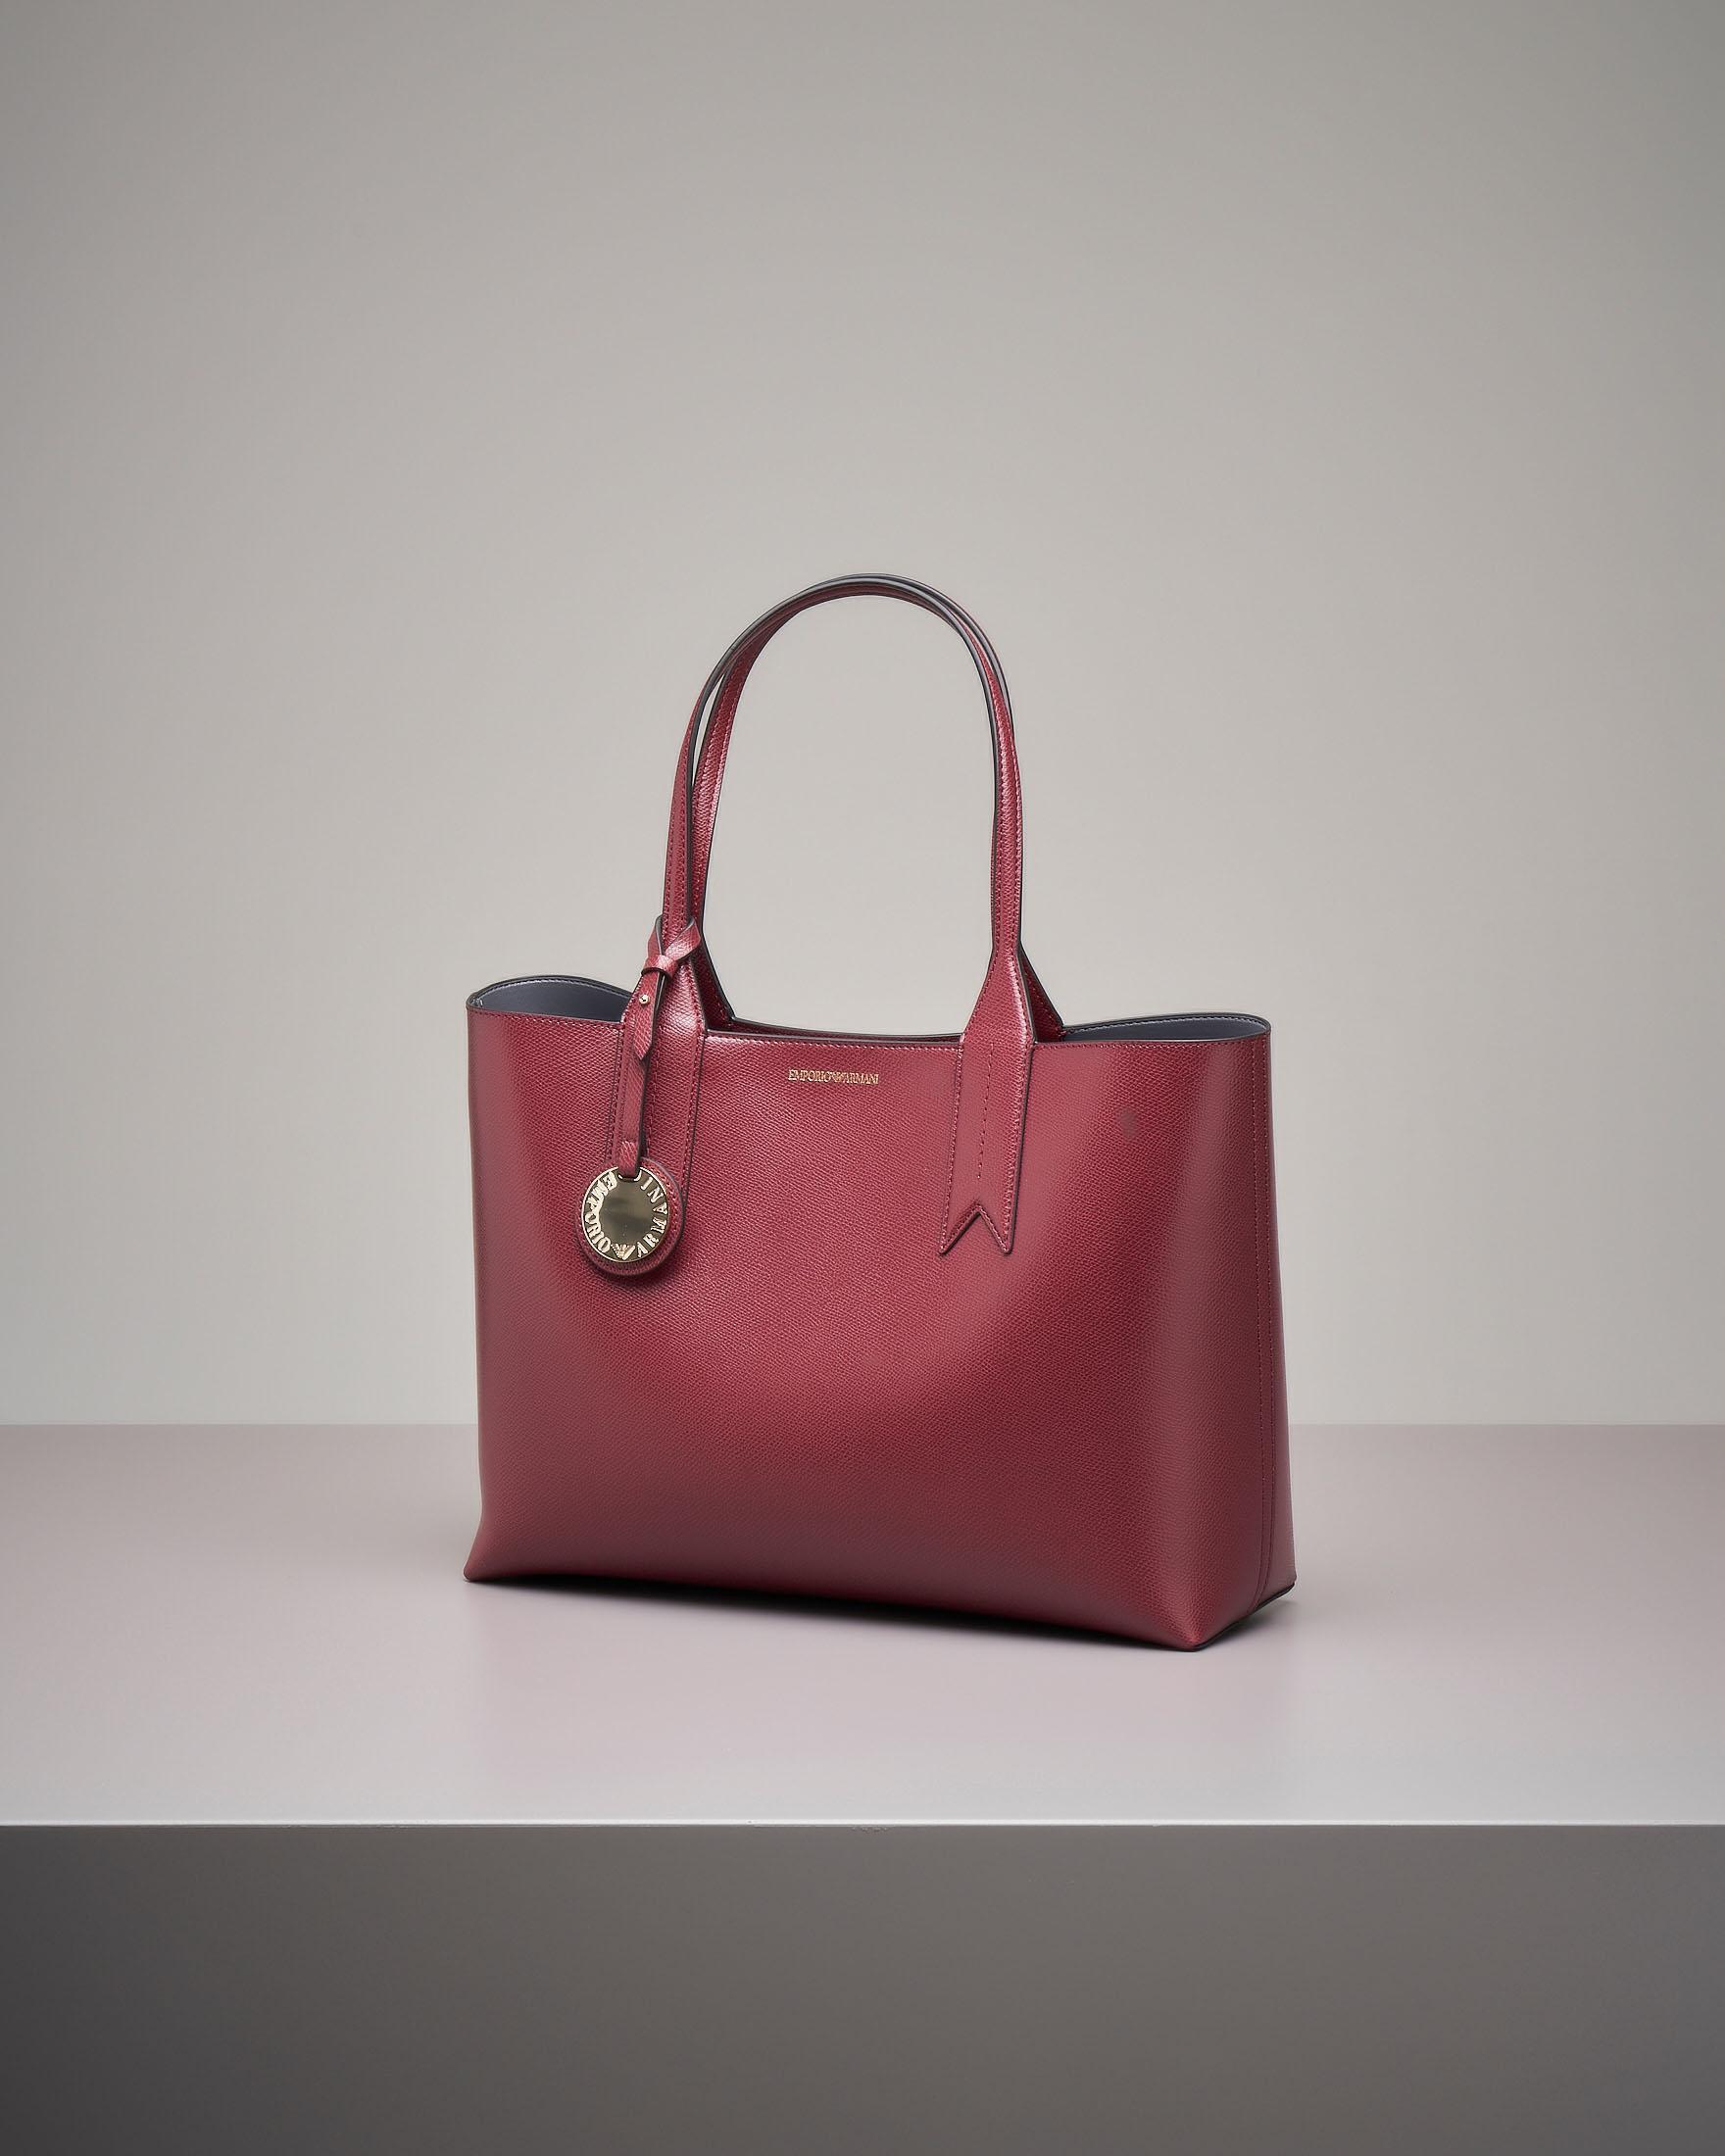 Shopper bag rigida bordeaux misura grande